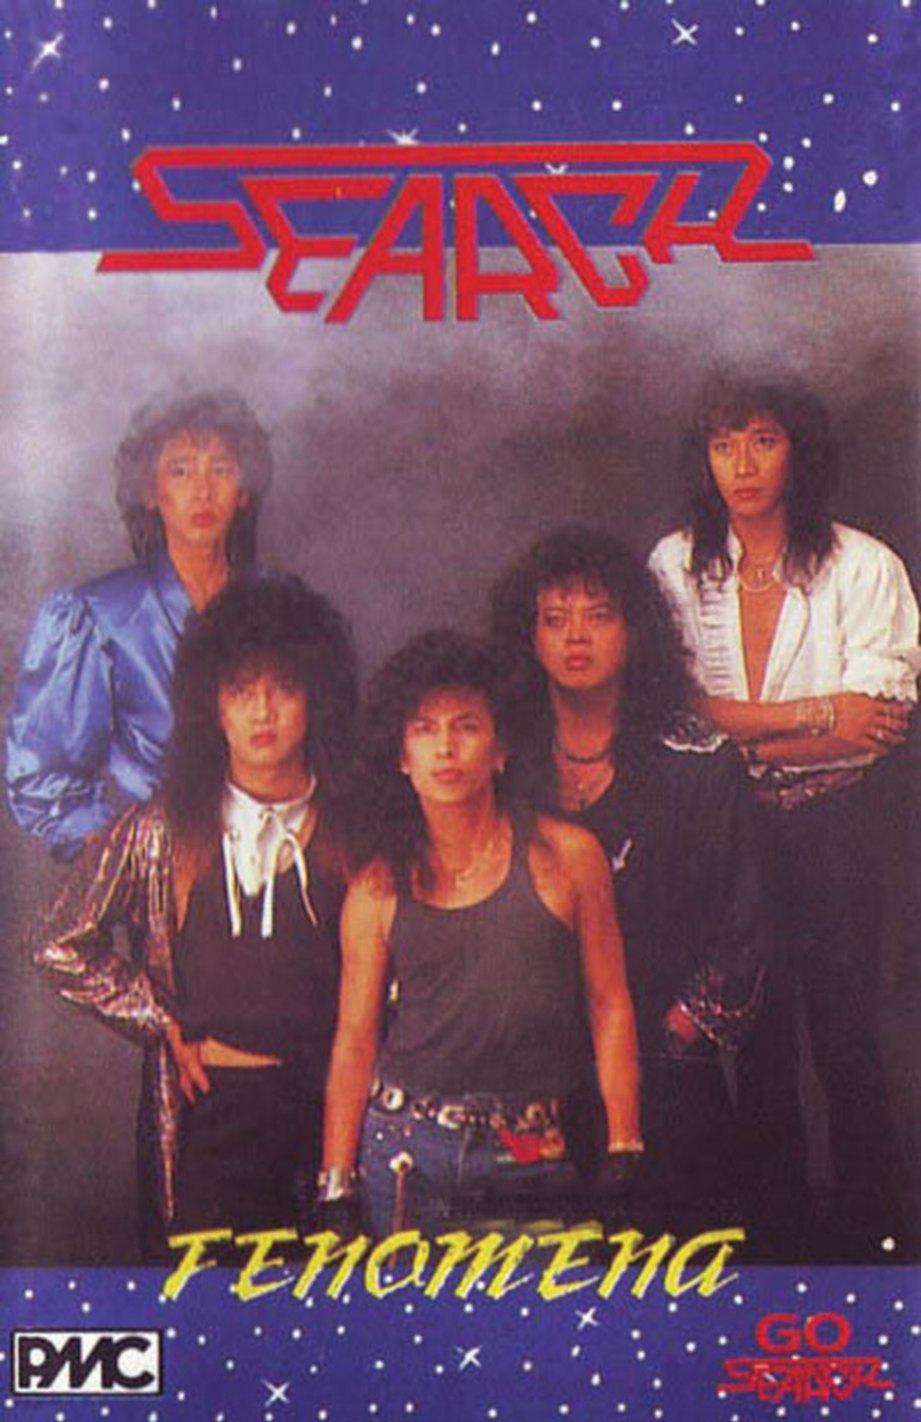 KULIT album Fenomena yang berada di pasaran pada 27 Februari 1989.